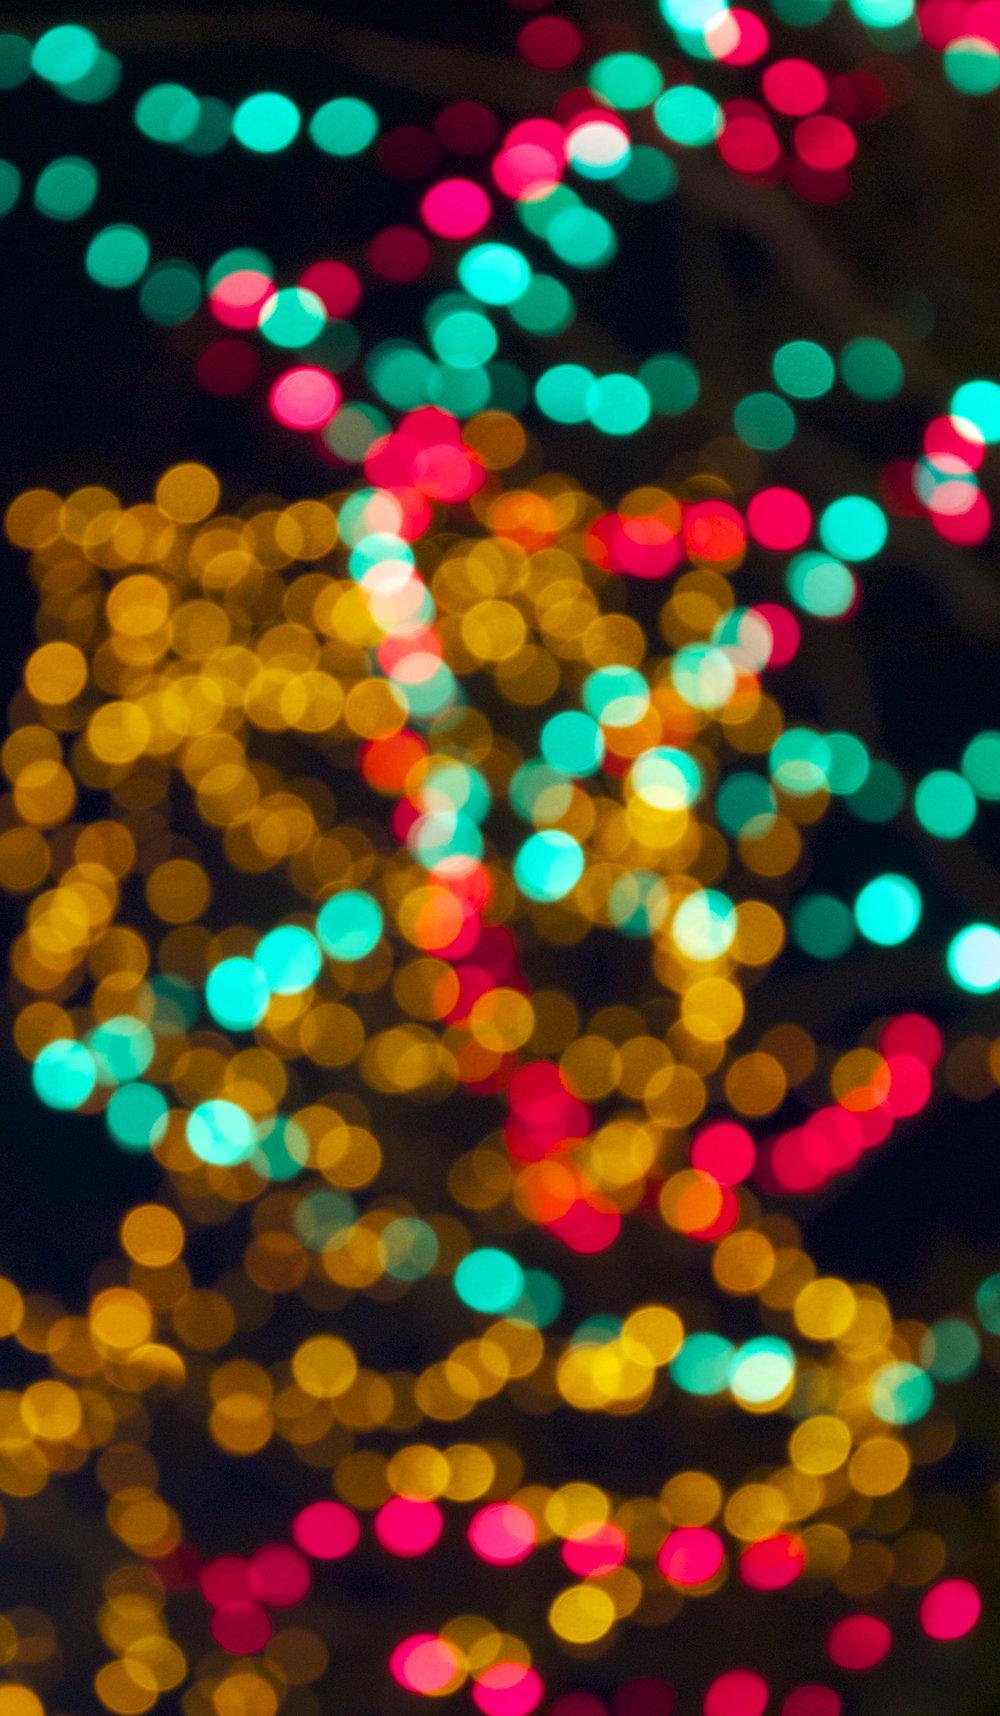 whistler-lights4.jpg